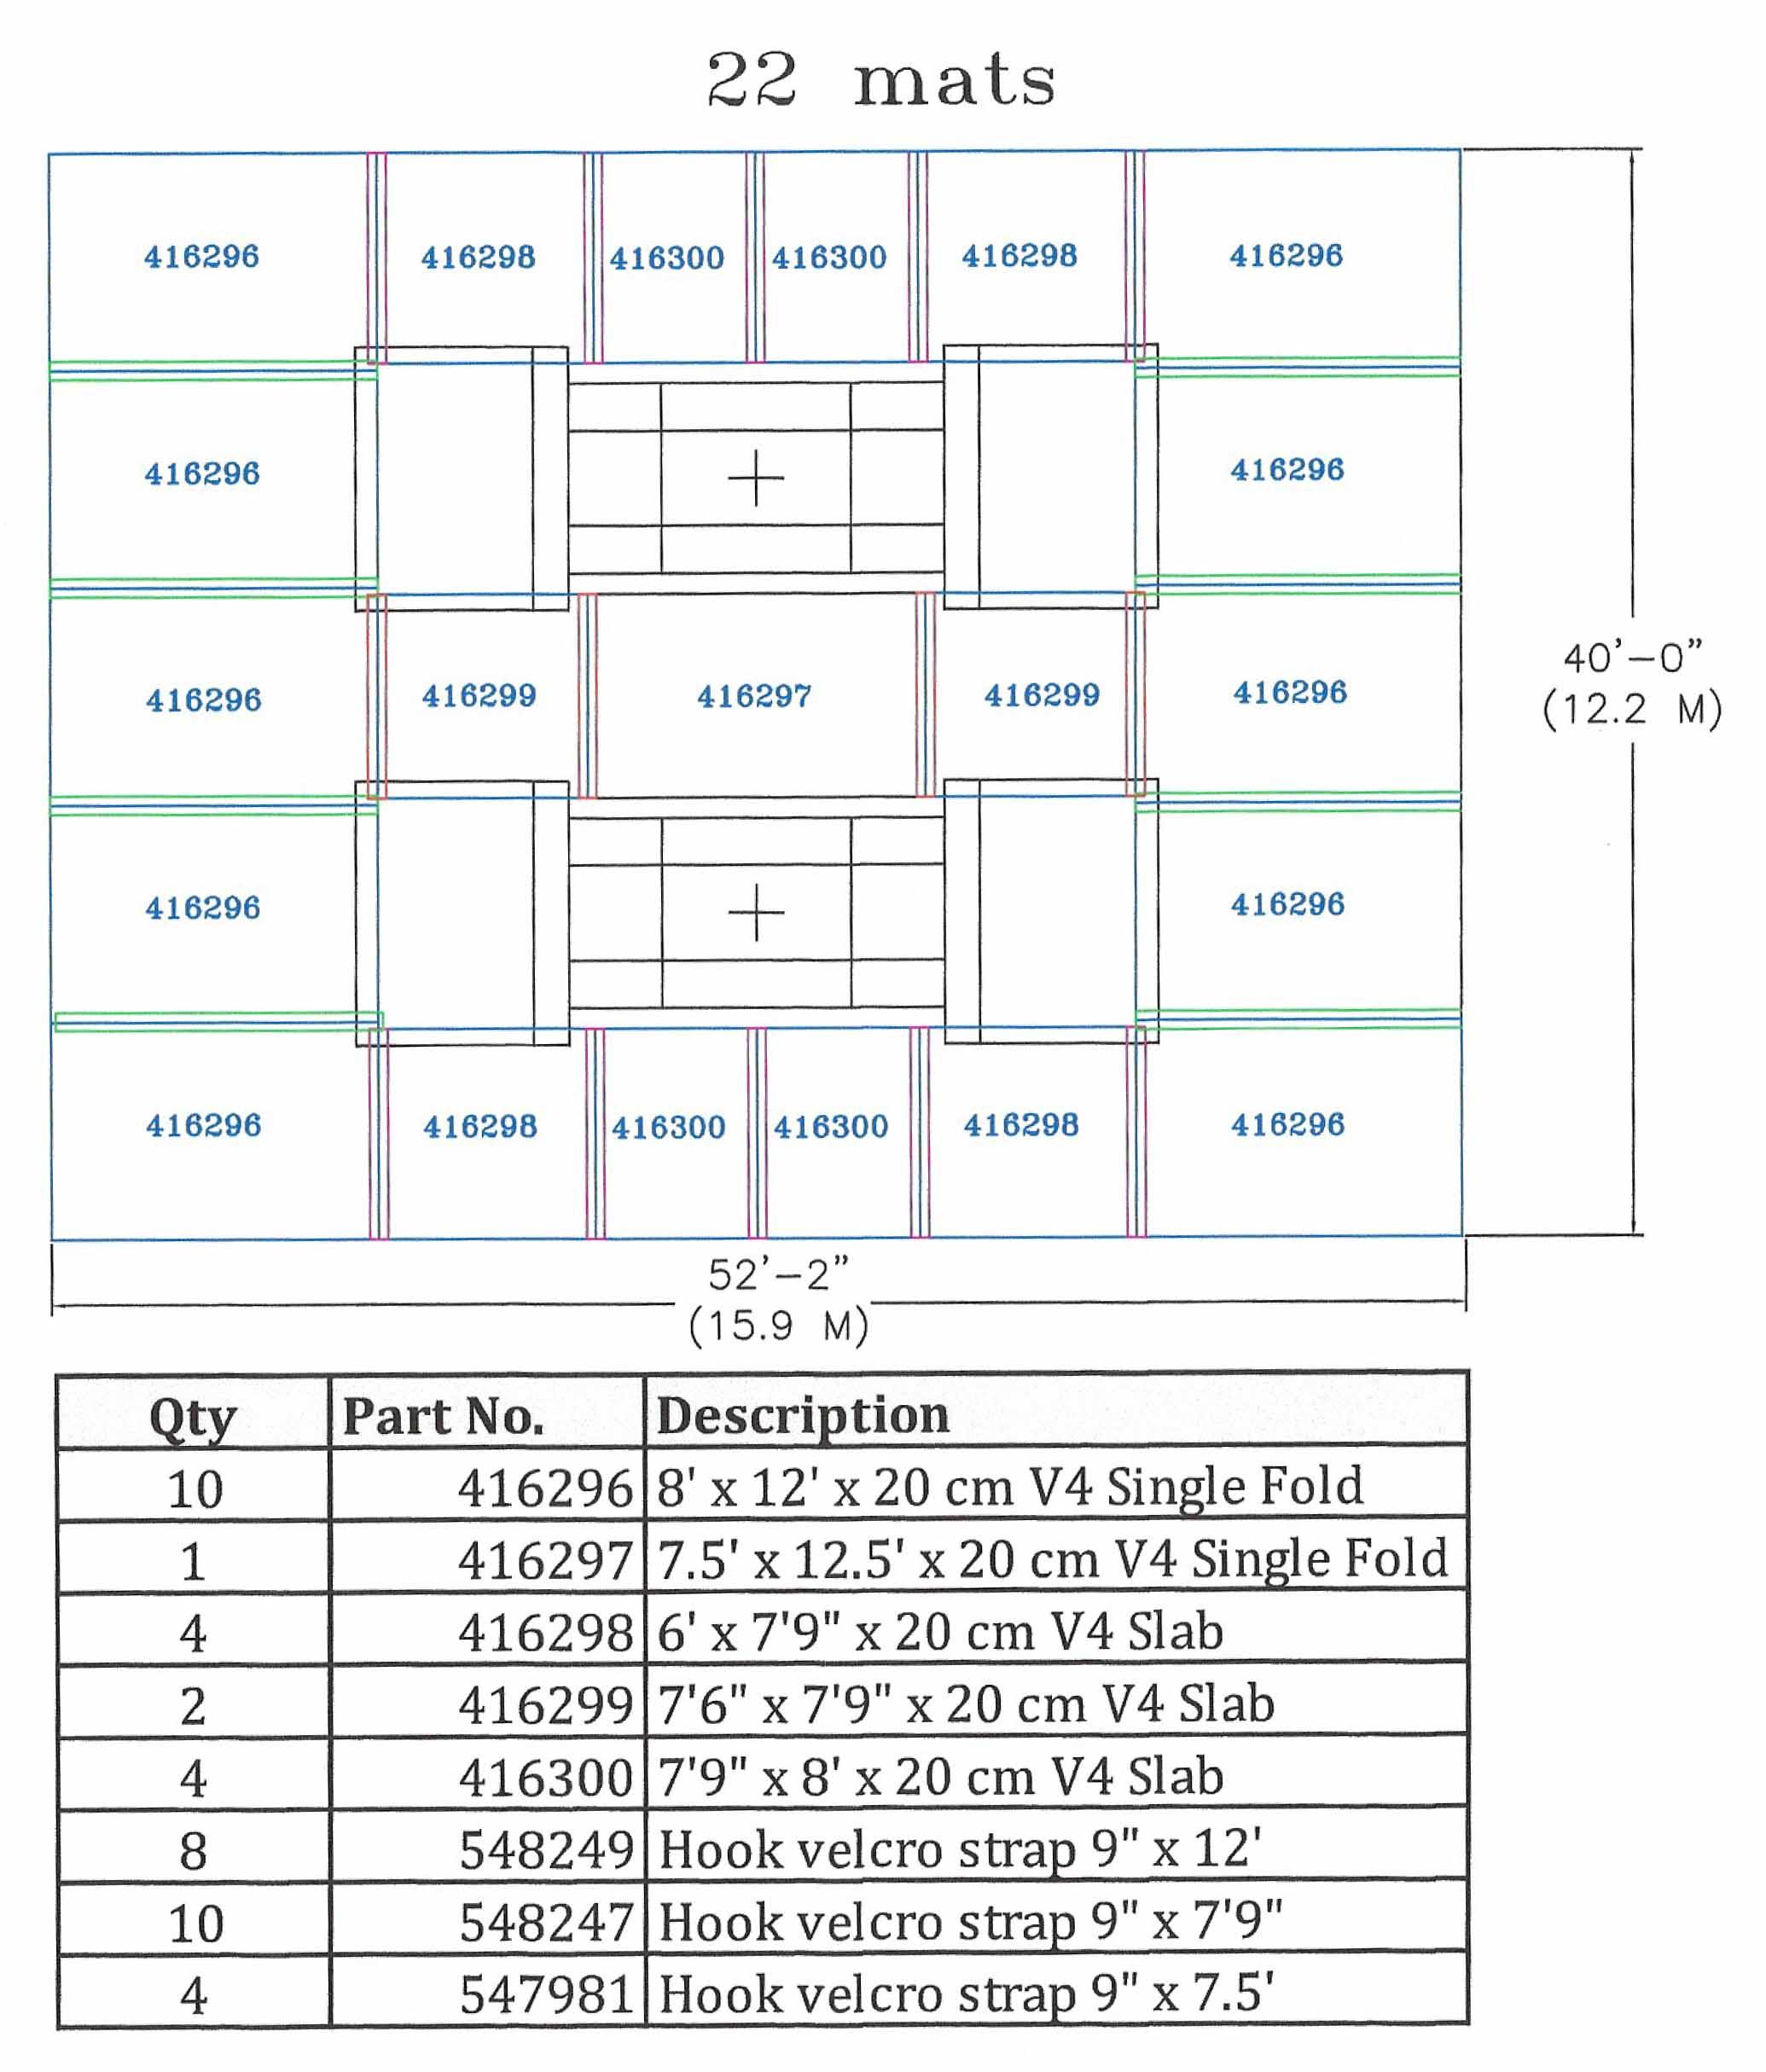 2-tramp-22-mat-meet-setup.jpg